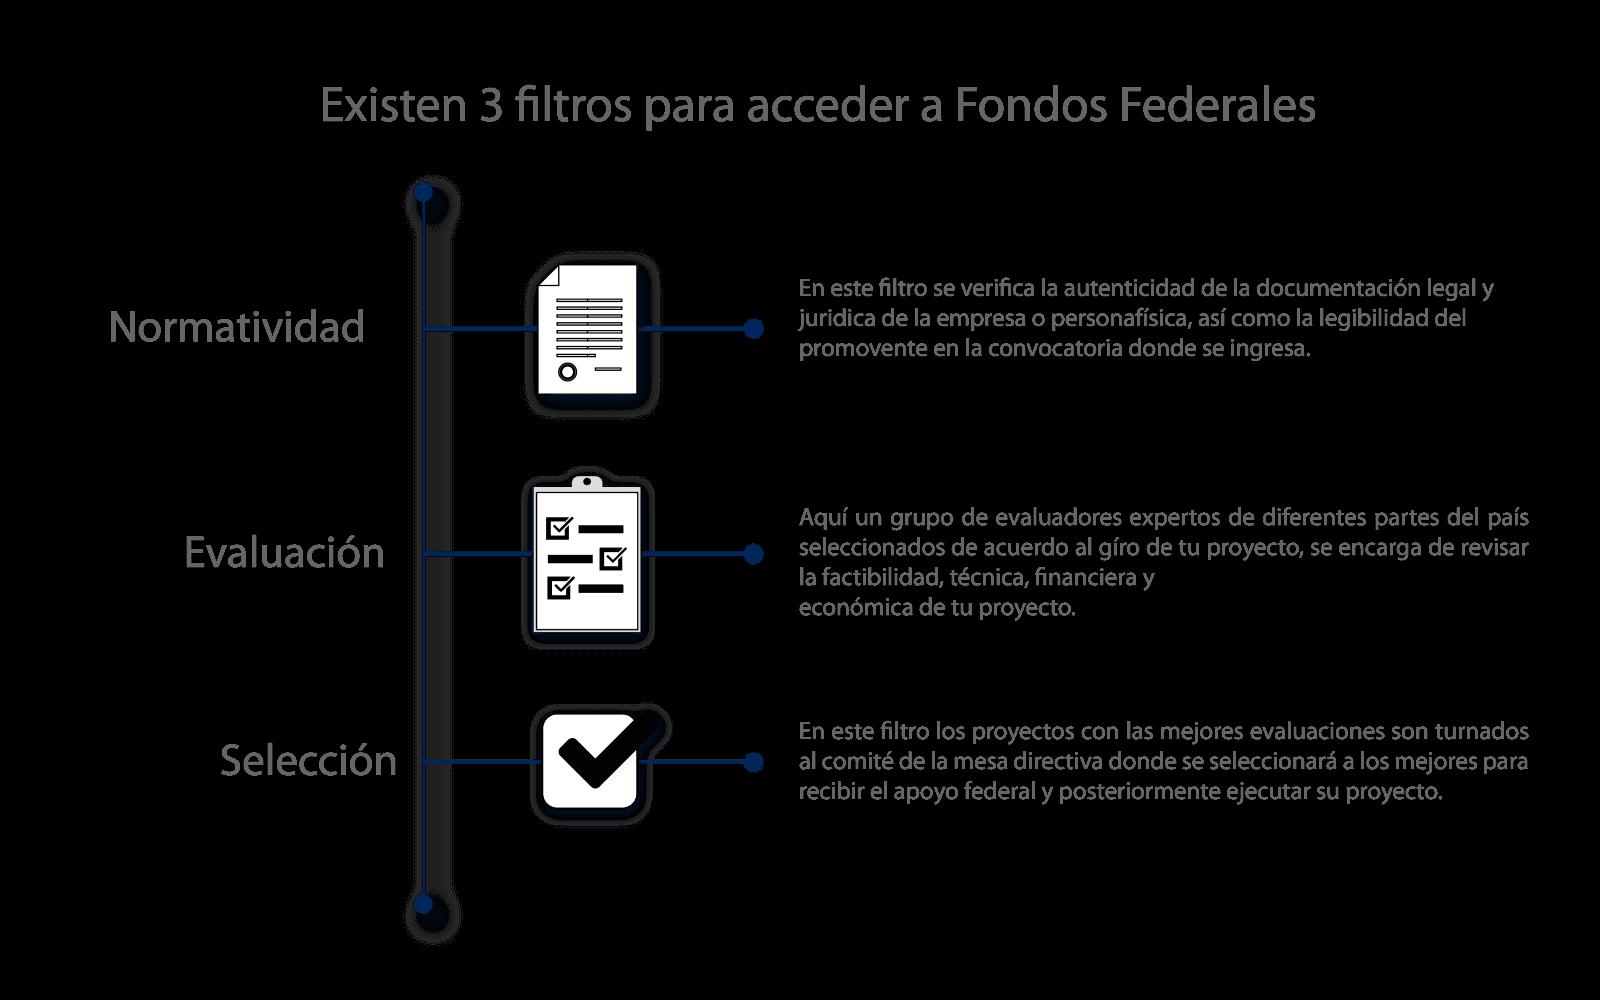 Modelo de fondeo de proyectos - 3 Filtros